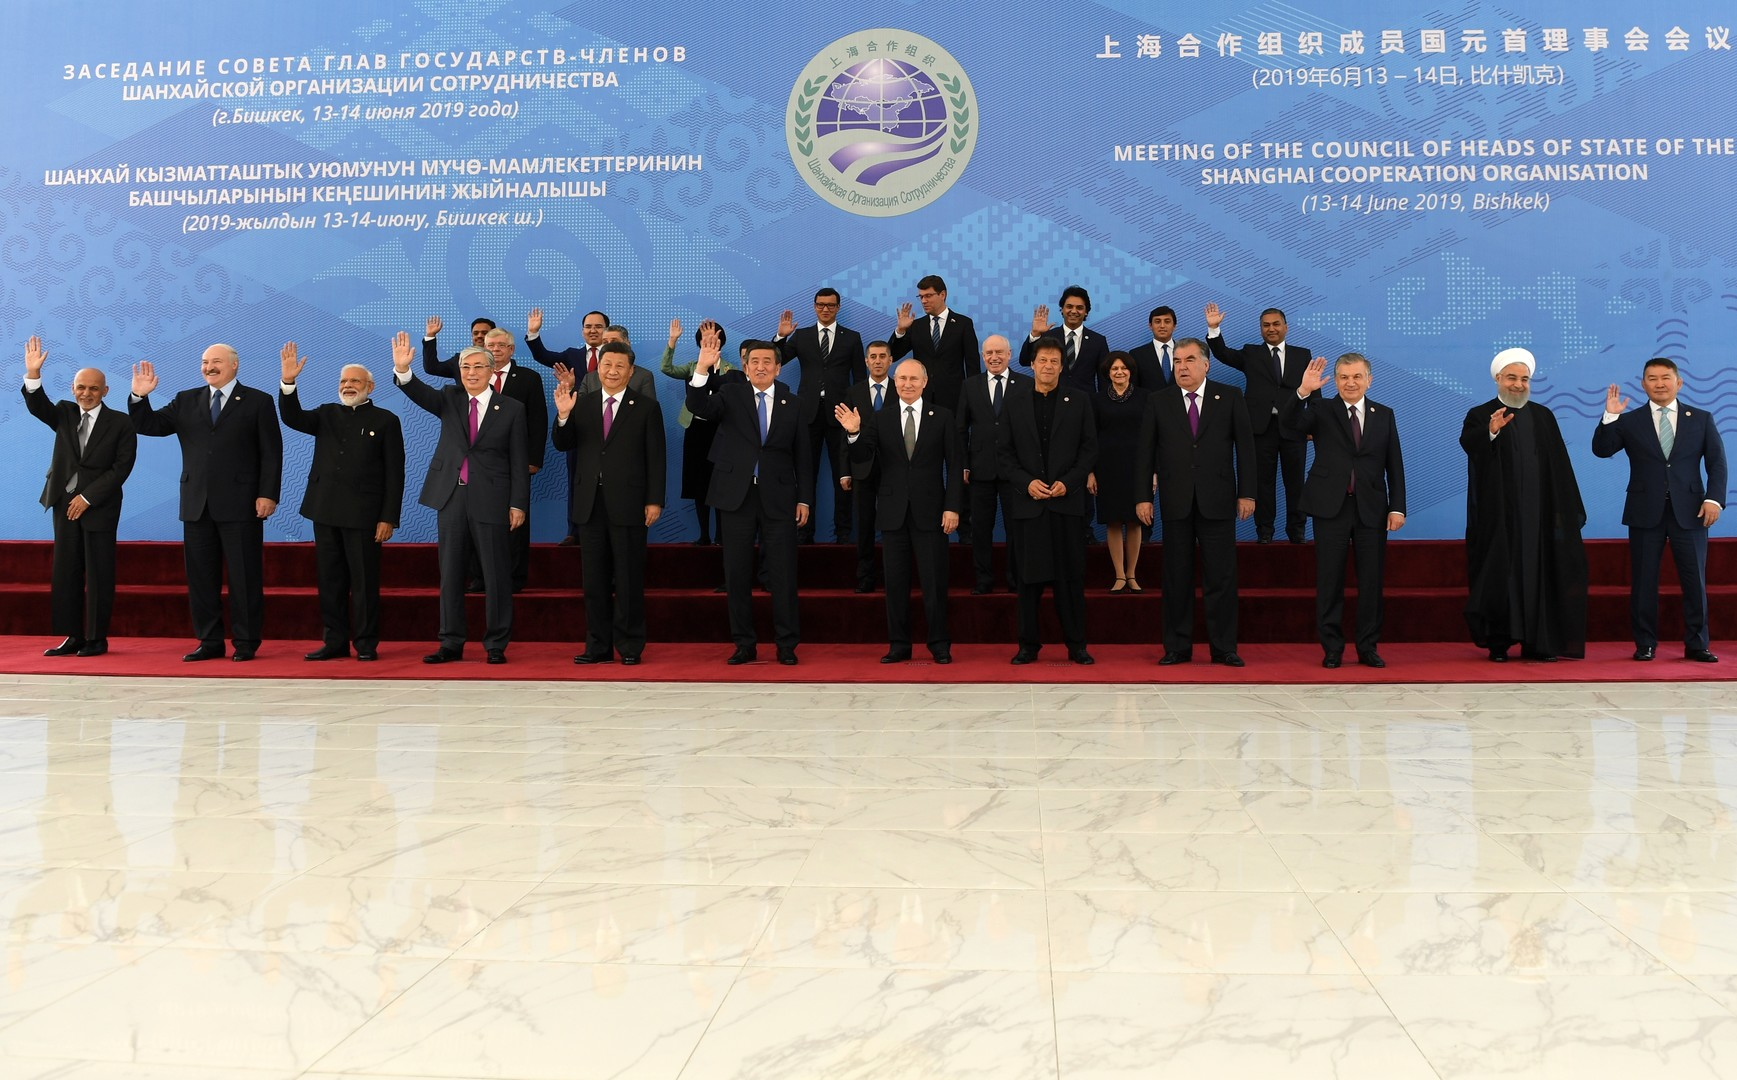 زعماء منظمة شنغهاي للتعاون يوقعون في بيشكيك أكثر من 20 وثيقة